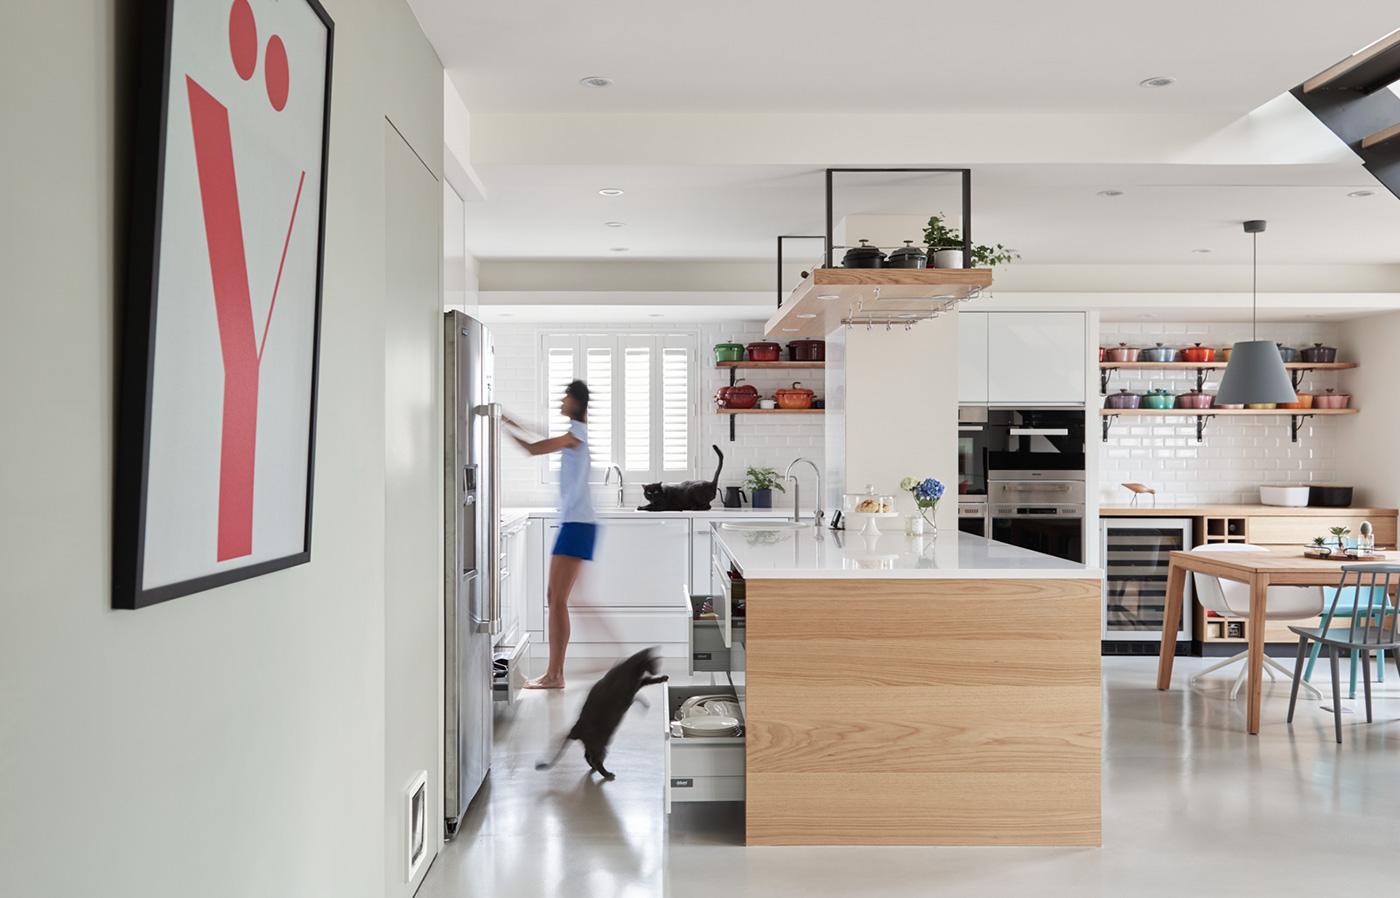 Как сделать кота счастливым: Фотообор домашнего дизайна для людей и кошек